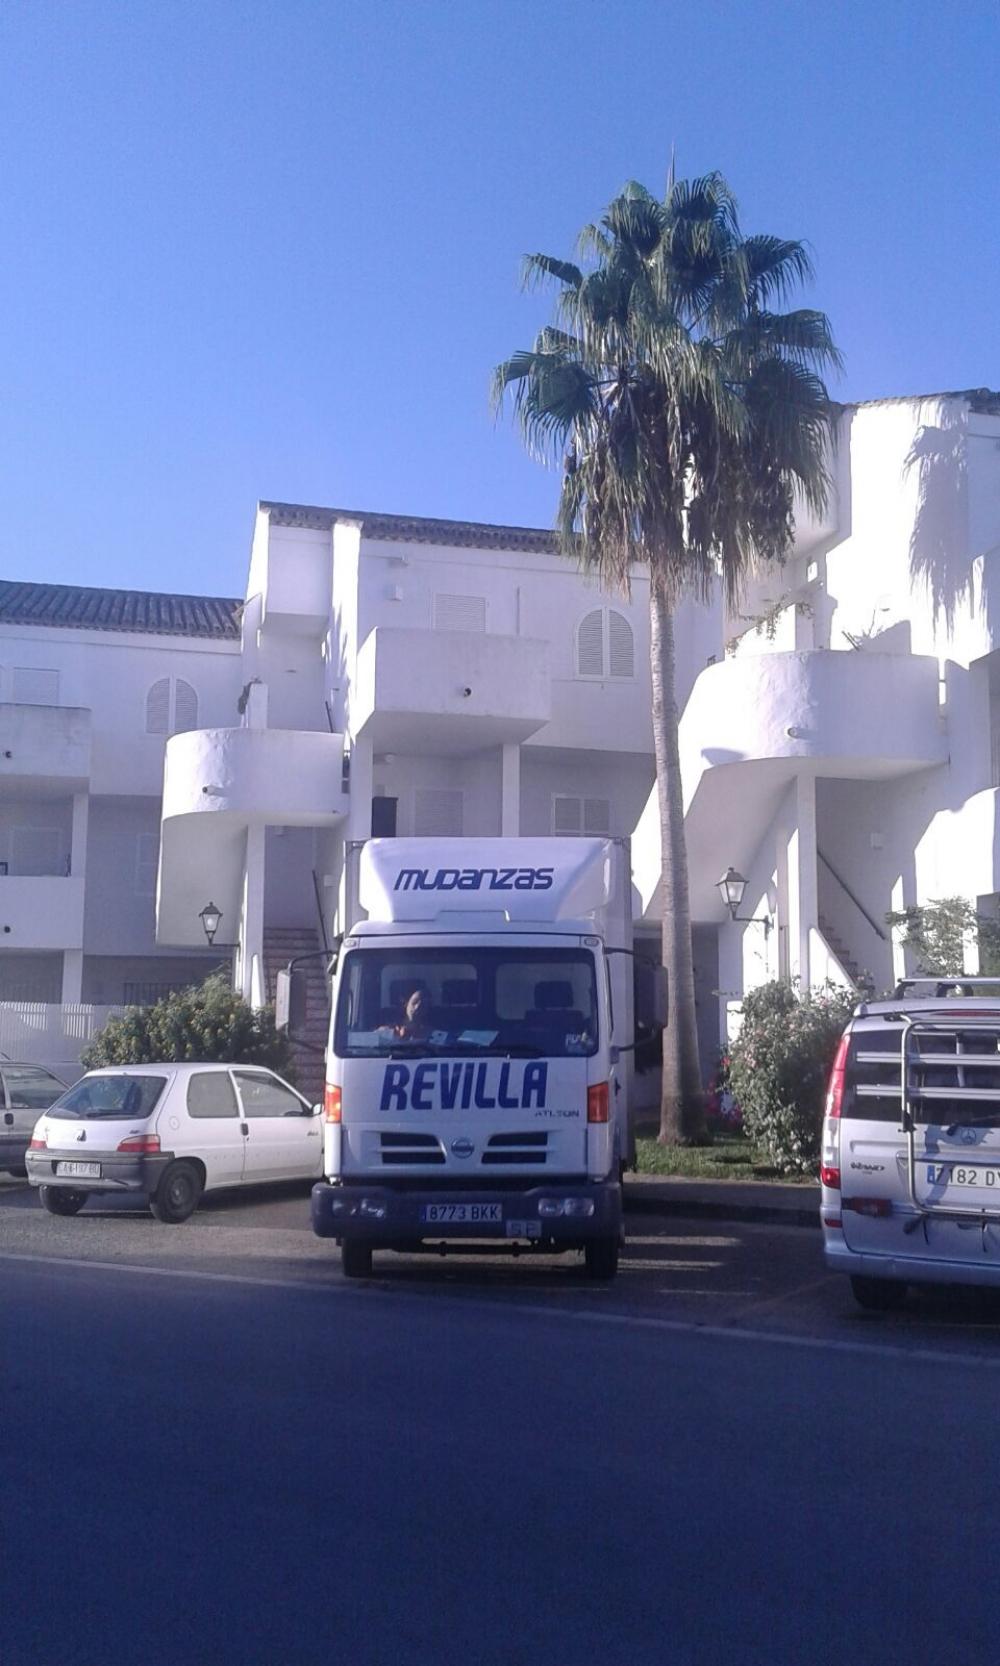 Mudanzas revilla empresa de mudanzas profesionales en cantabria mudanzas de pisos en laredo - Muebles jose maria santander ...